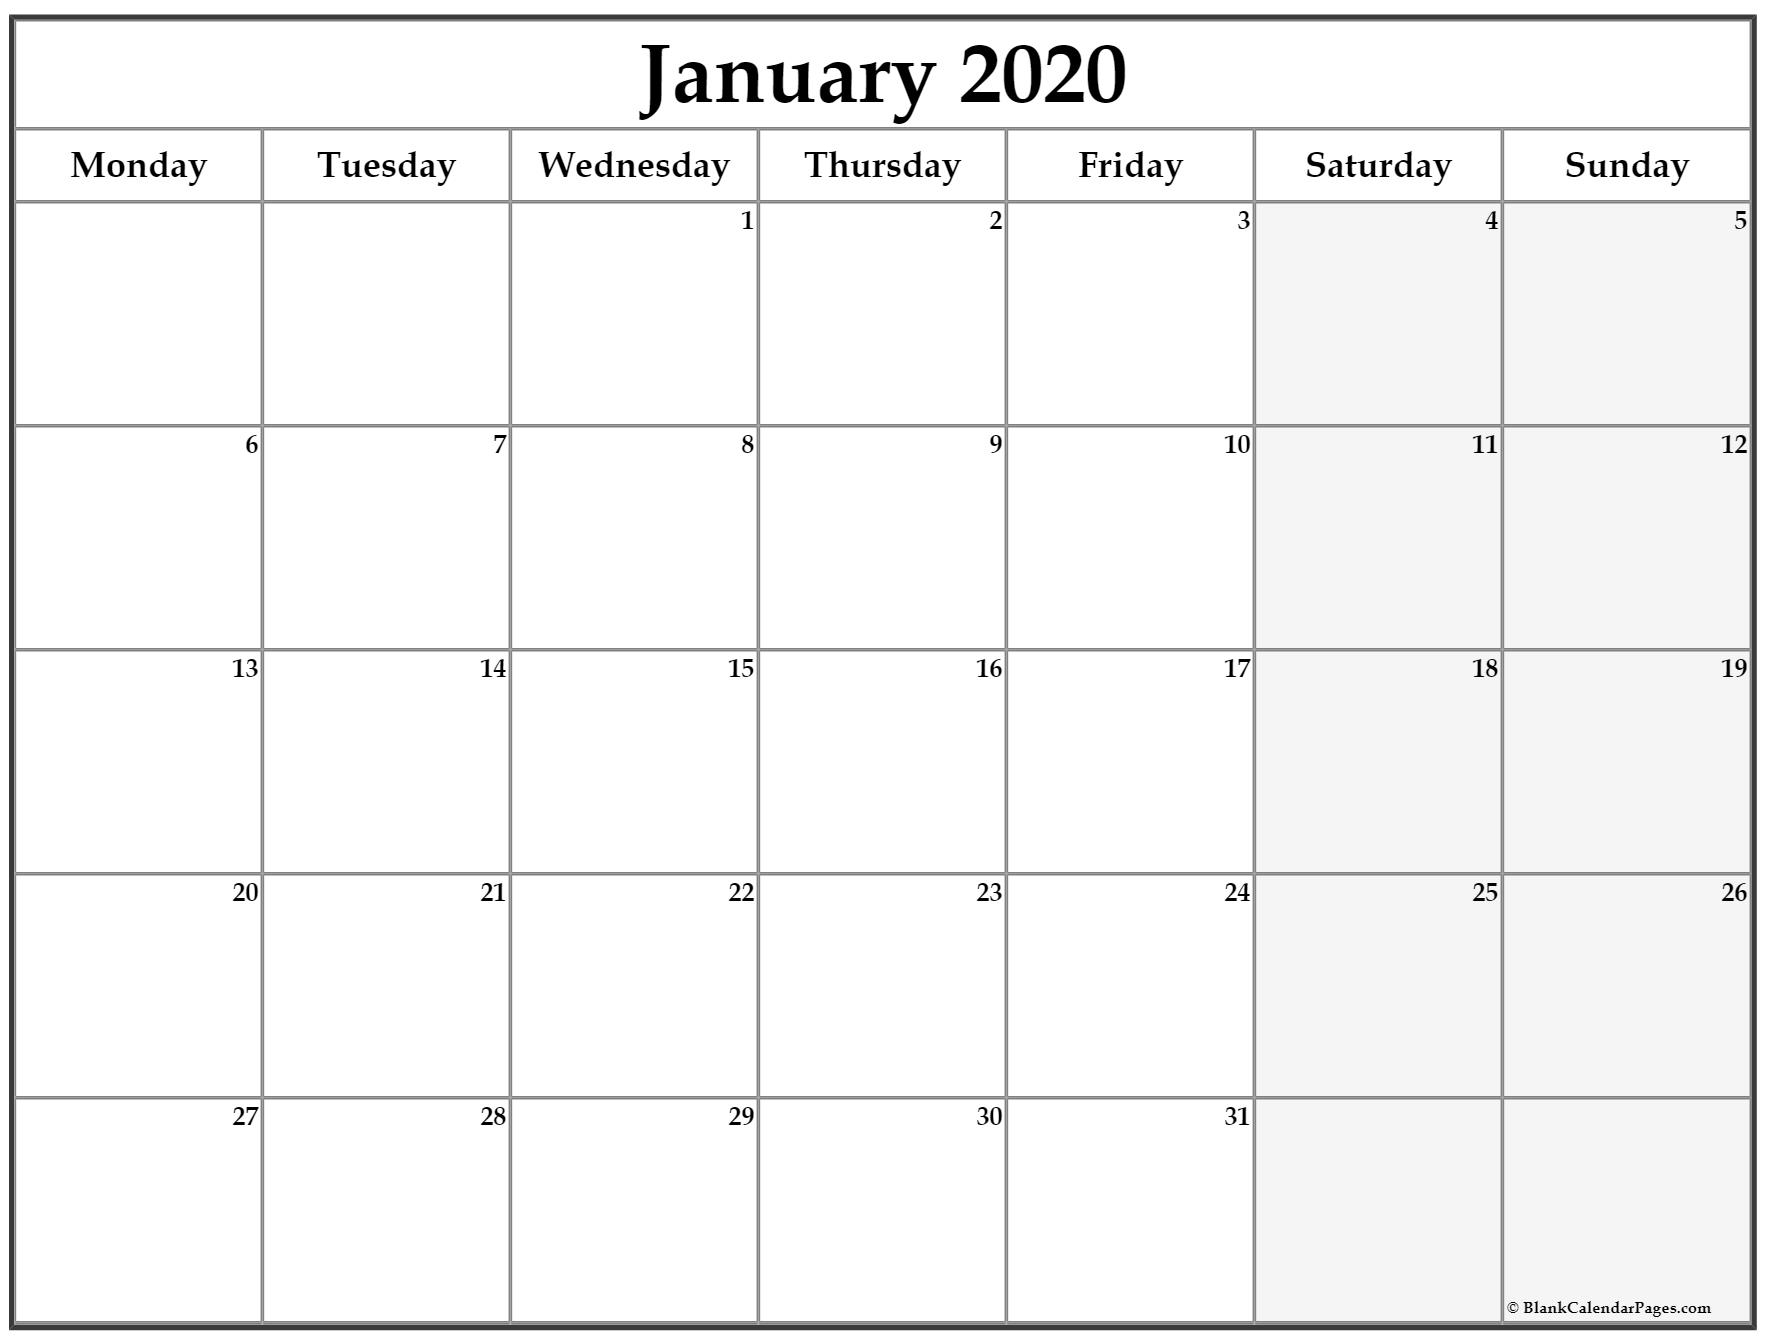 January 2020 Monday Calendar | Monday To Sunday regarding 2020 Calendar Template Monday Start